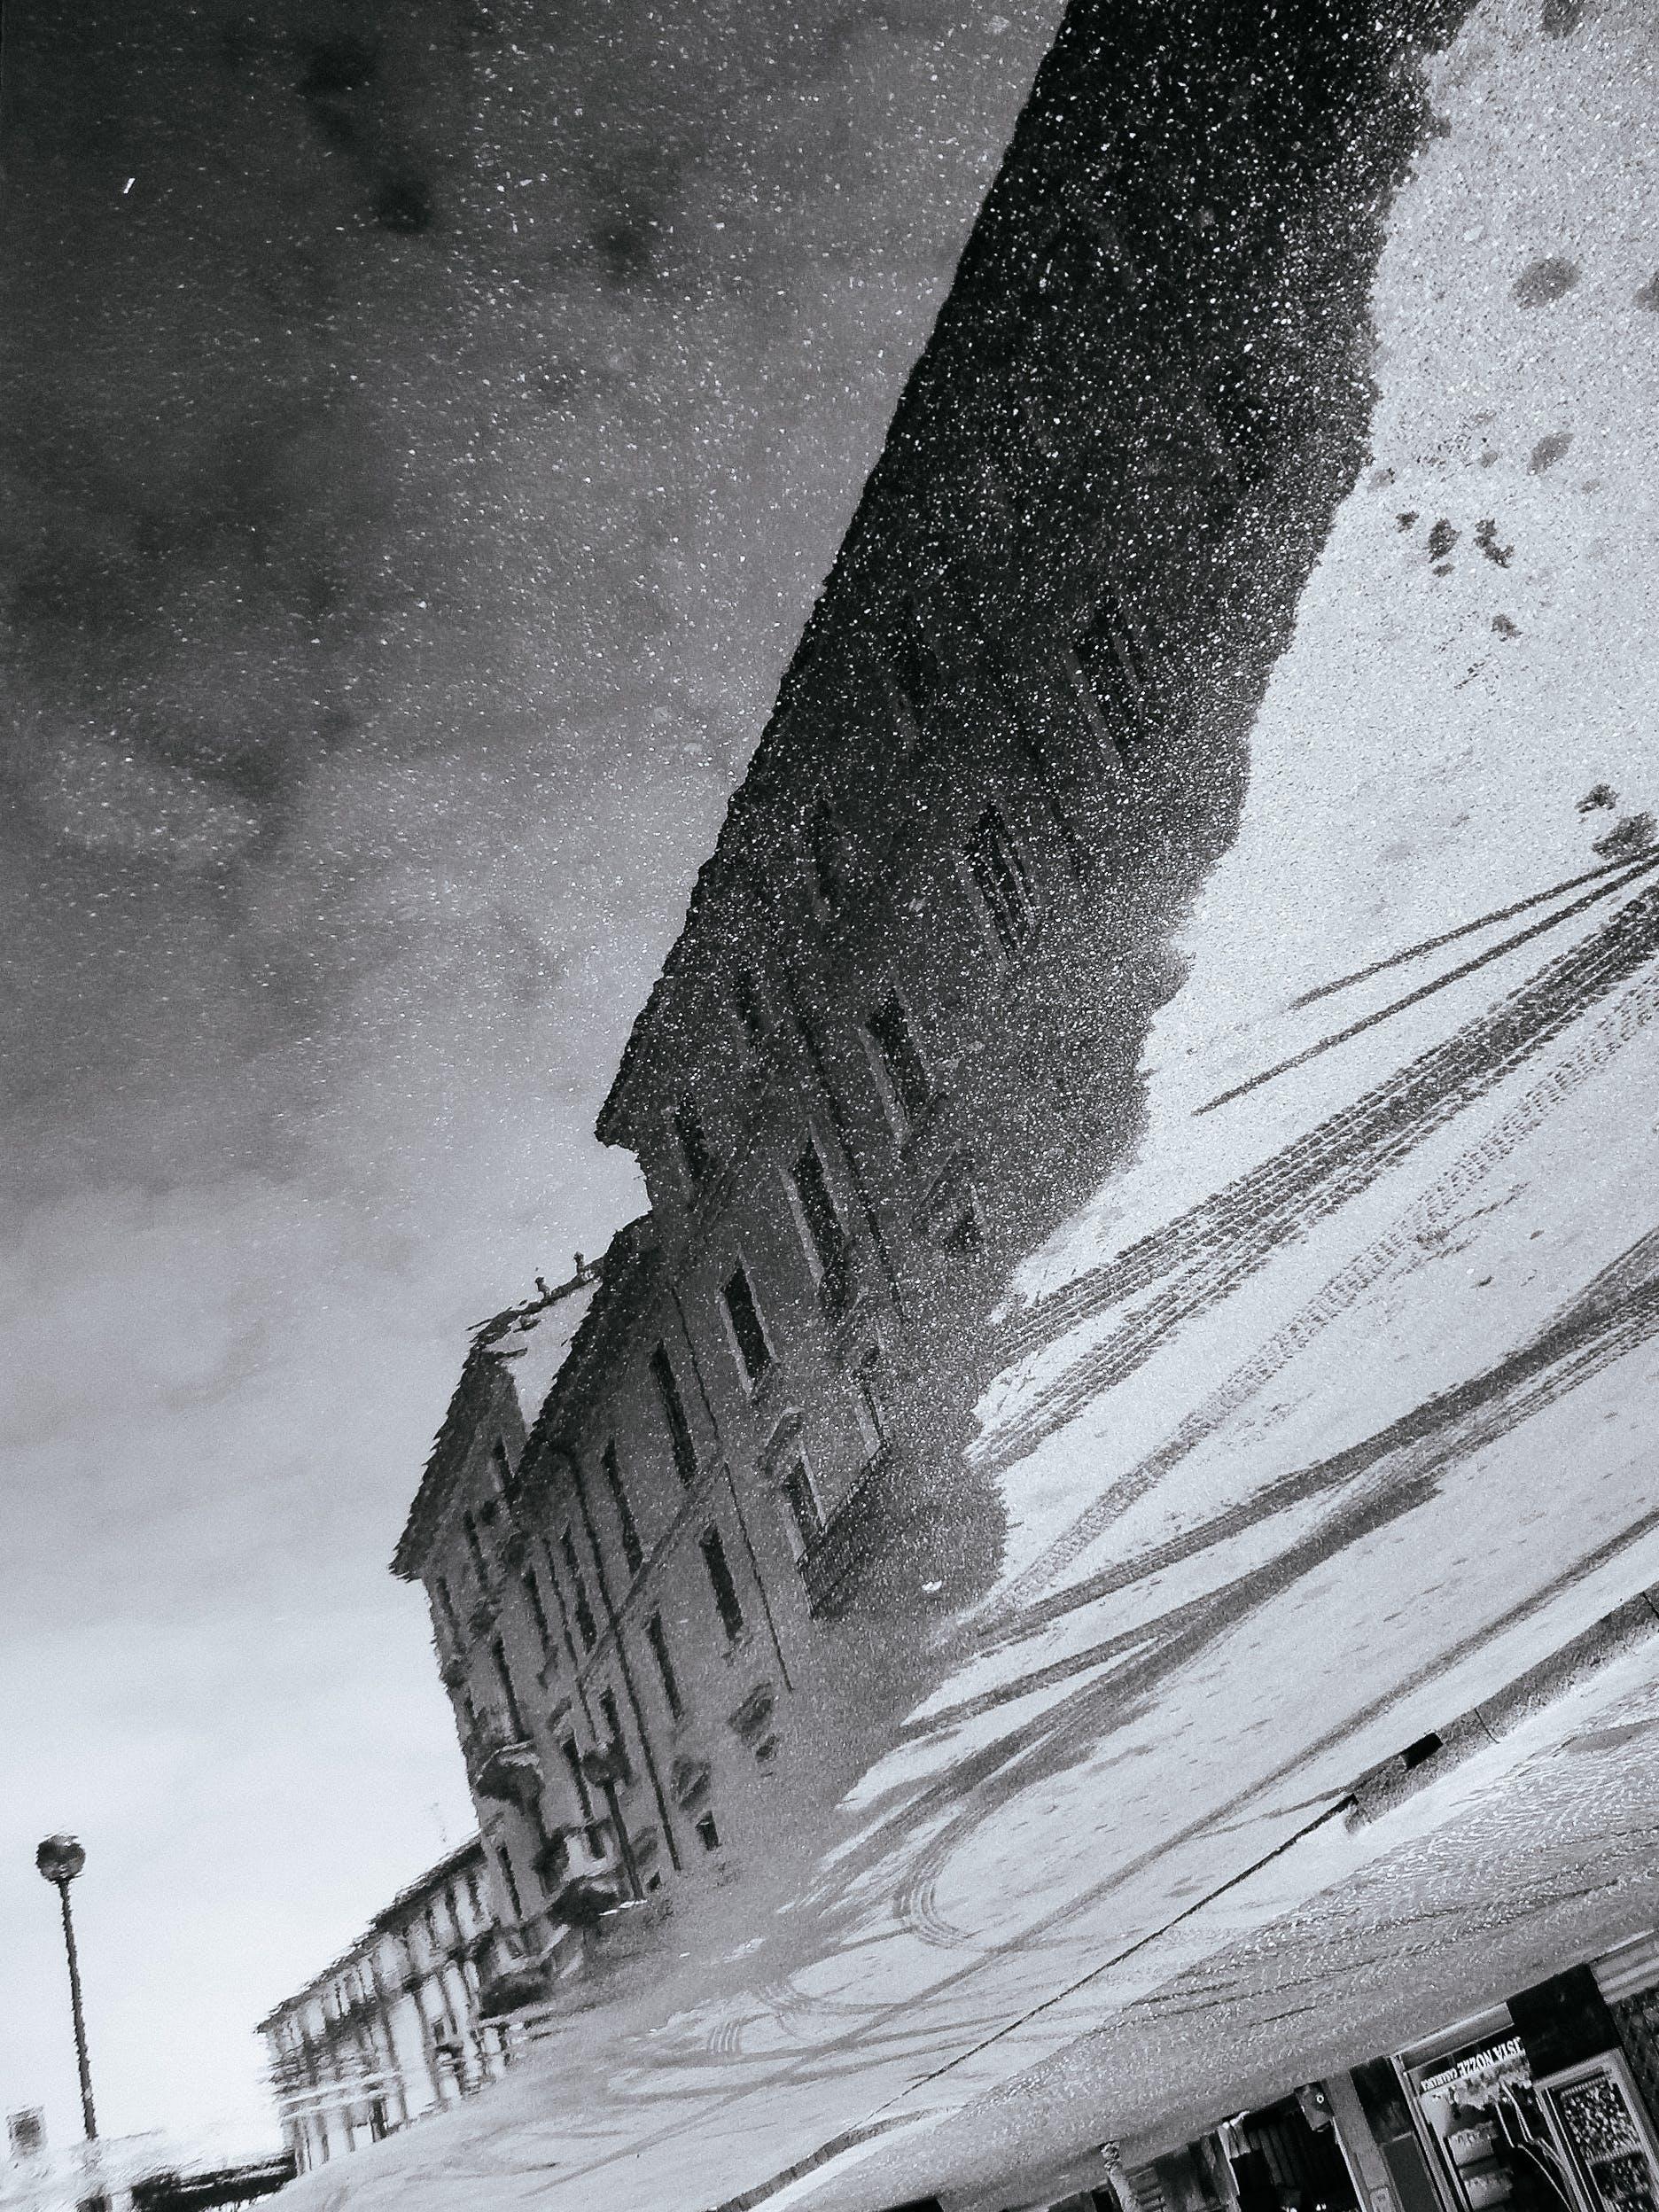 Δωρεάν στοκ φωτογραφιών με αντανάκλαση, αρχιτεκτονική, ασπρόμαυρο, κτήριο